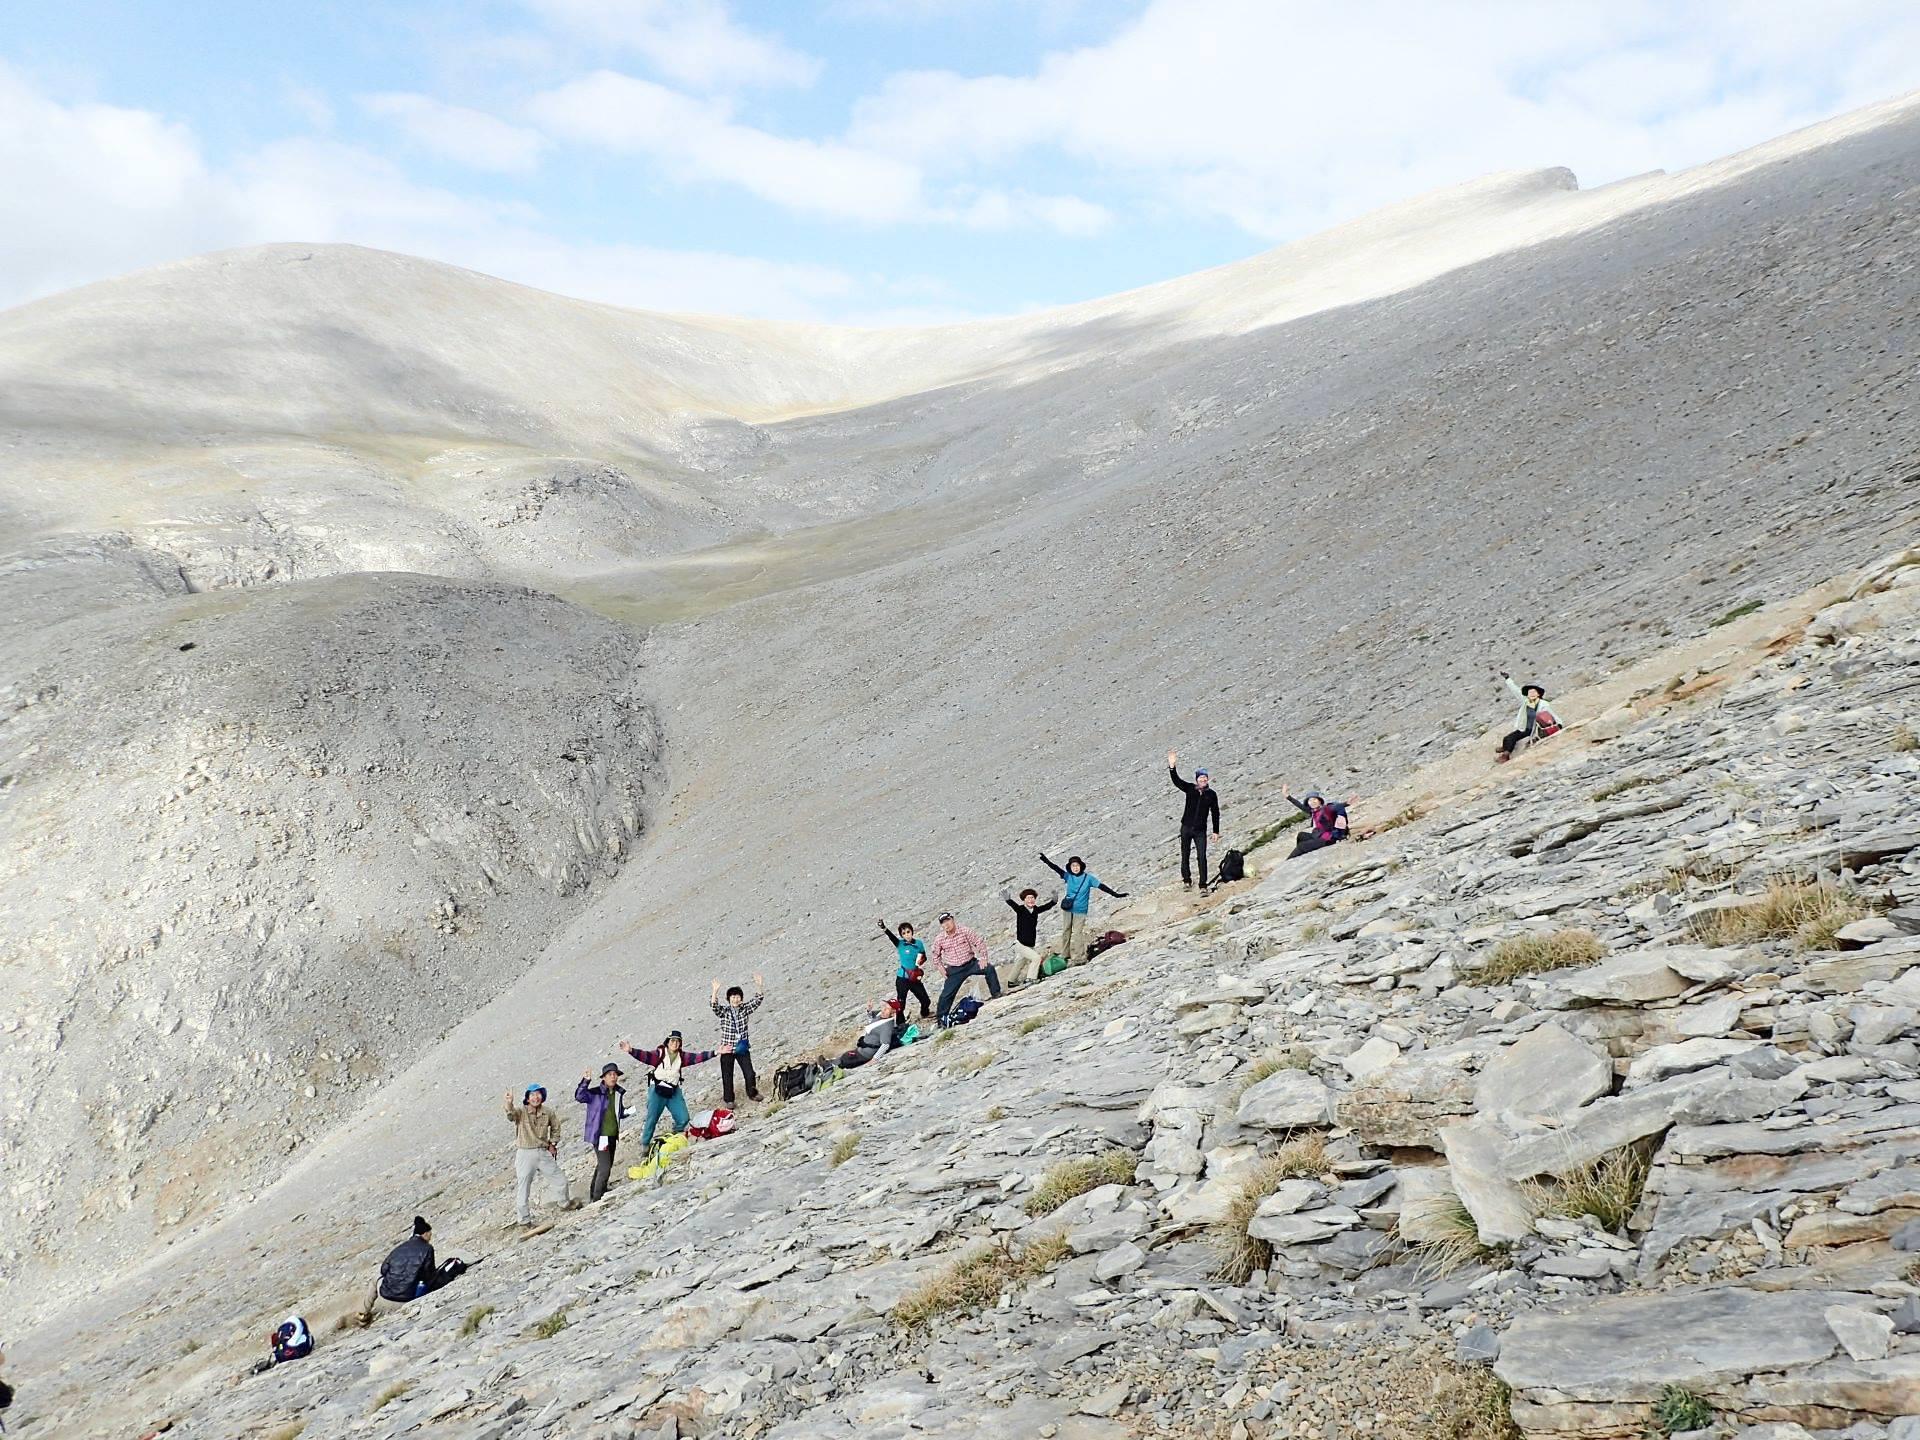 ギリシャ最高峰のピークのひとつスコーリオ・ピークへ(5日目)